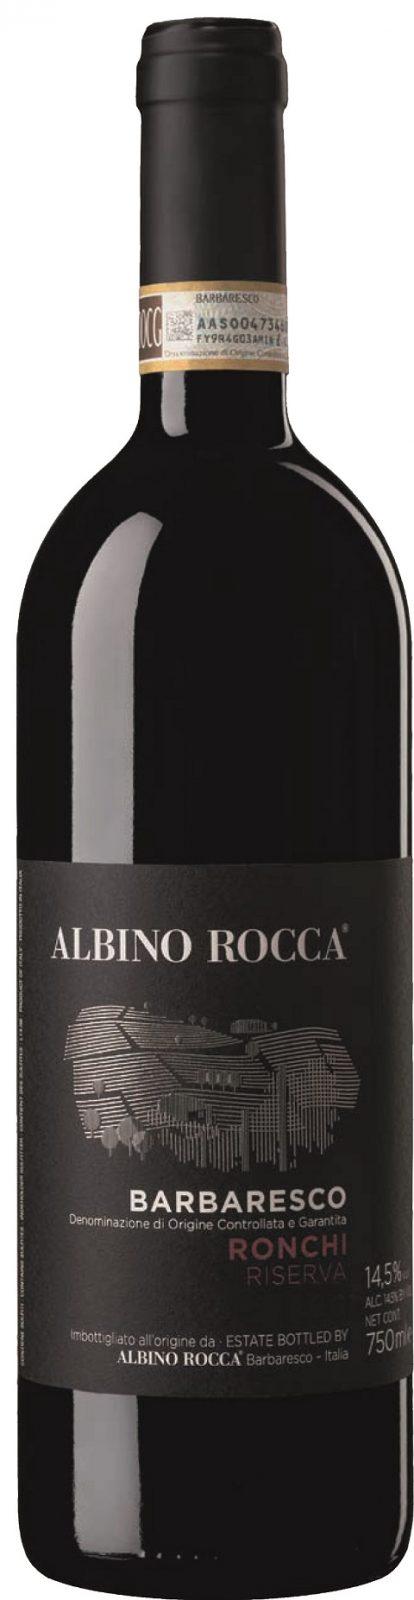 Albino-Rocca-Barbaresco-Ronchi_wineaffair